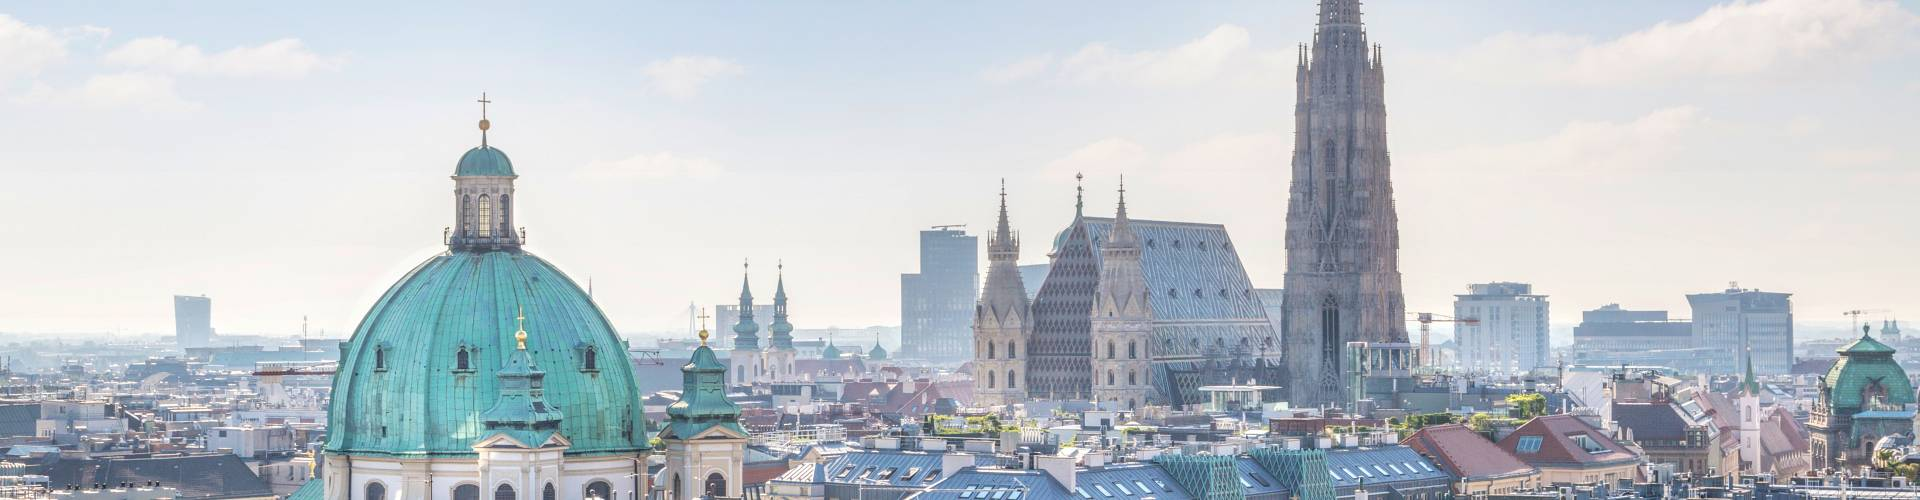 Wohnen über den Dächern Wiens